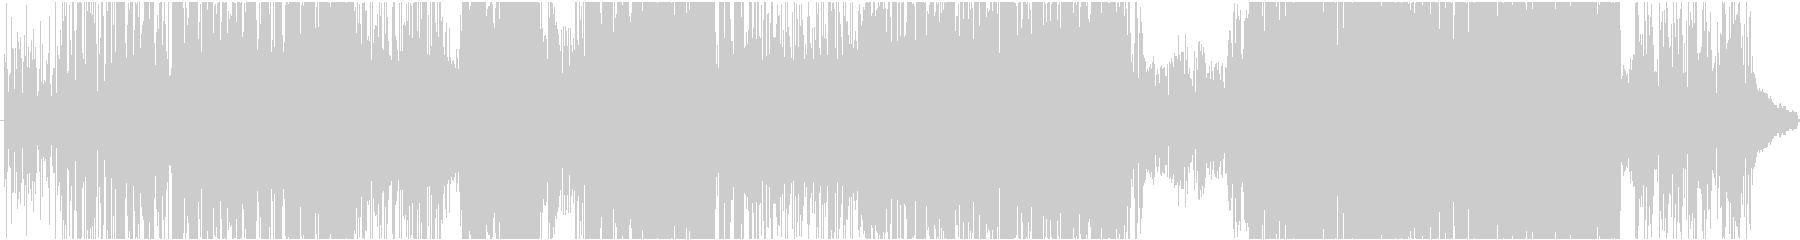 鋭いシンセサウンド、ブレイクビーツの未再生の波形